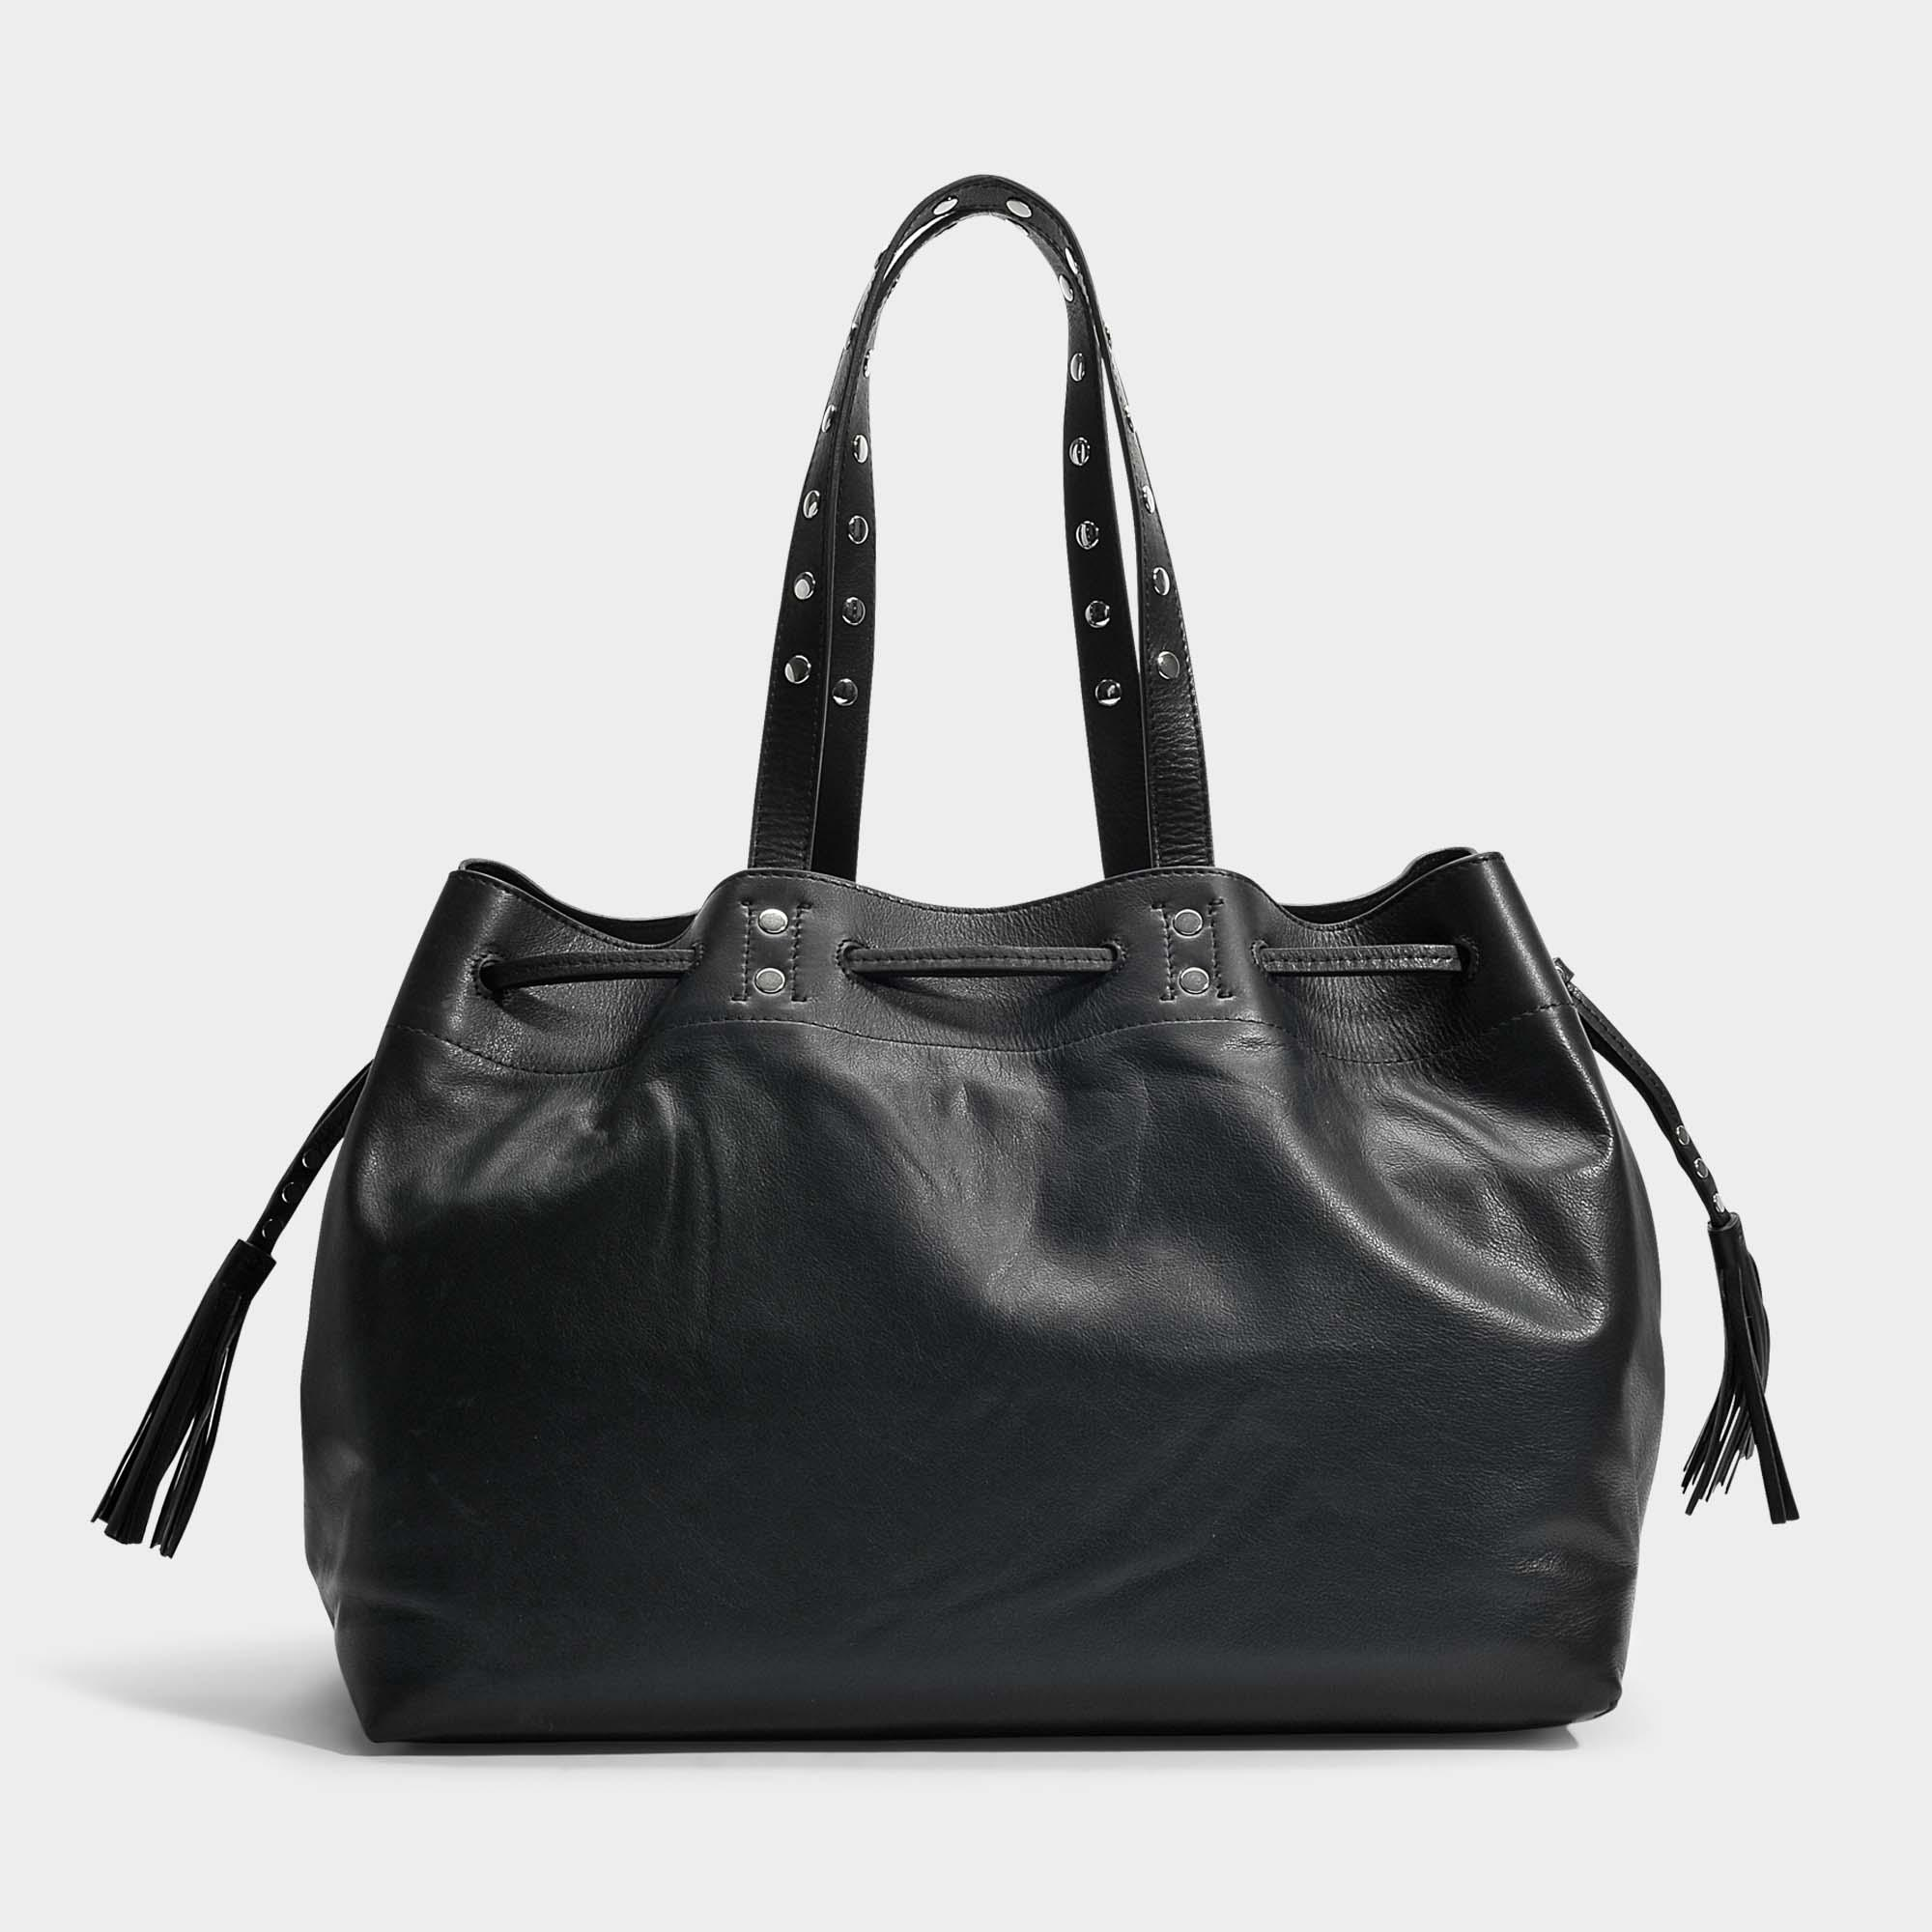 a1a8b84816 Sac cabas simple 2 bis en cuir noir Gerard Darel en coloris Noir - Lyst